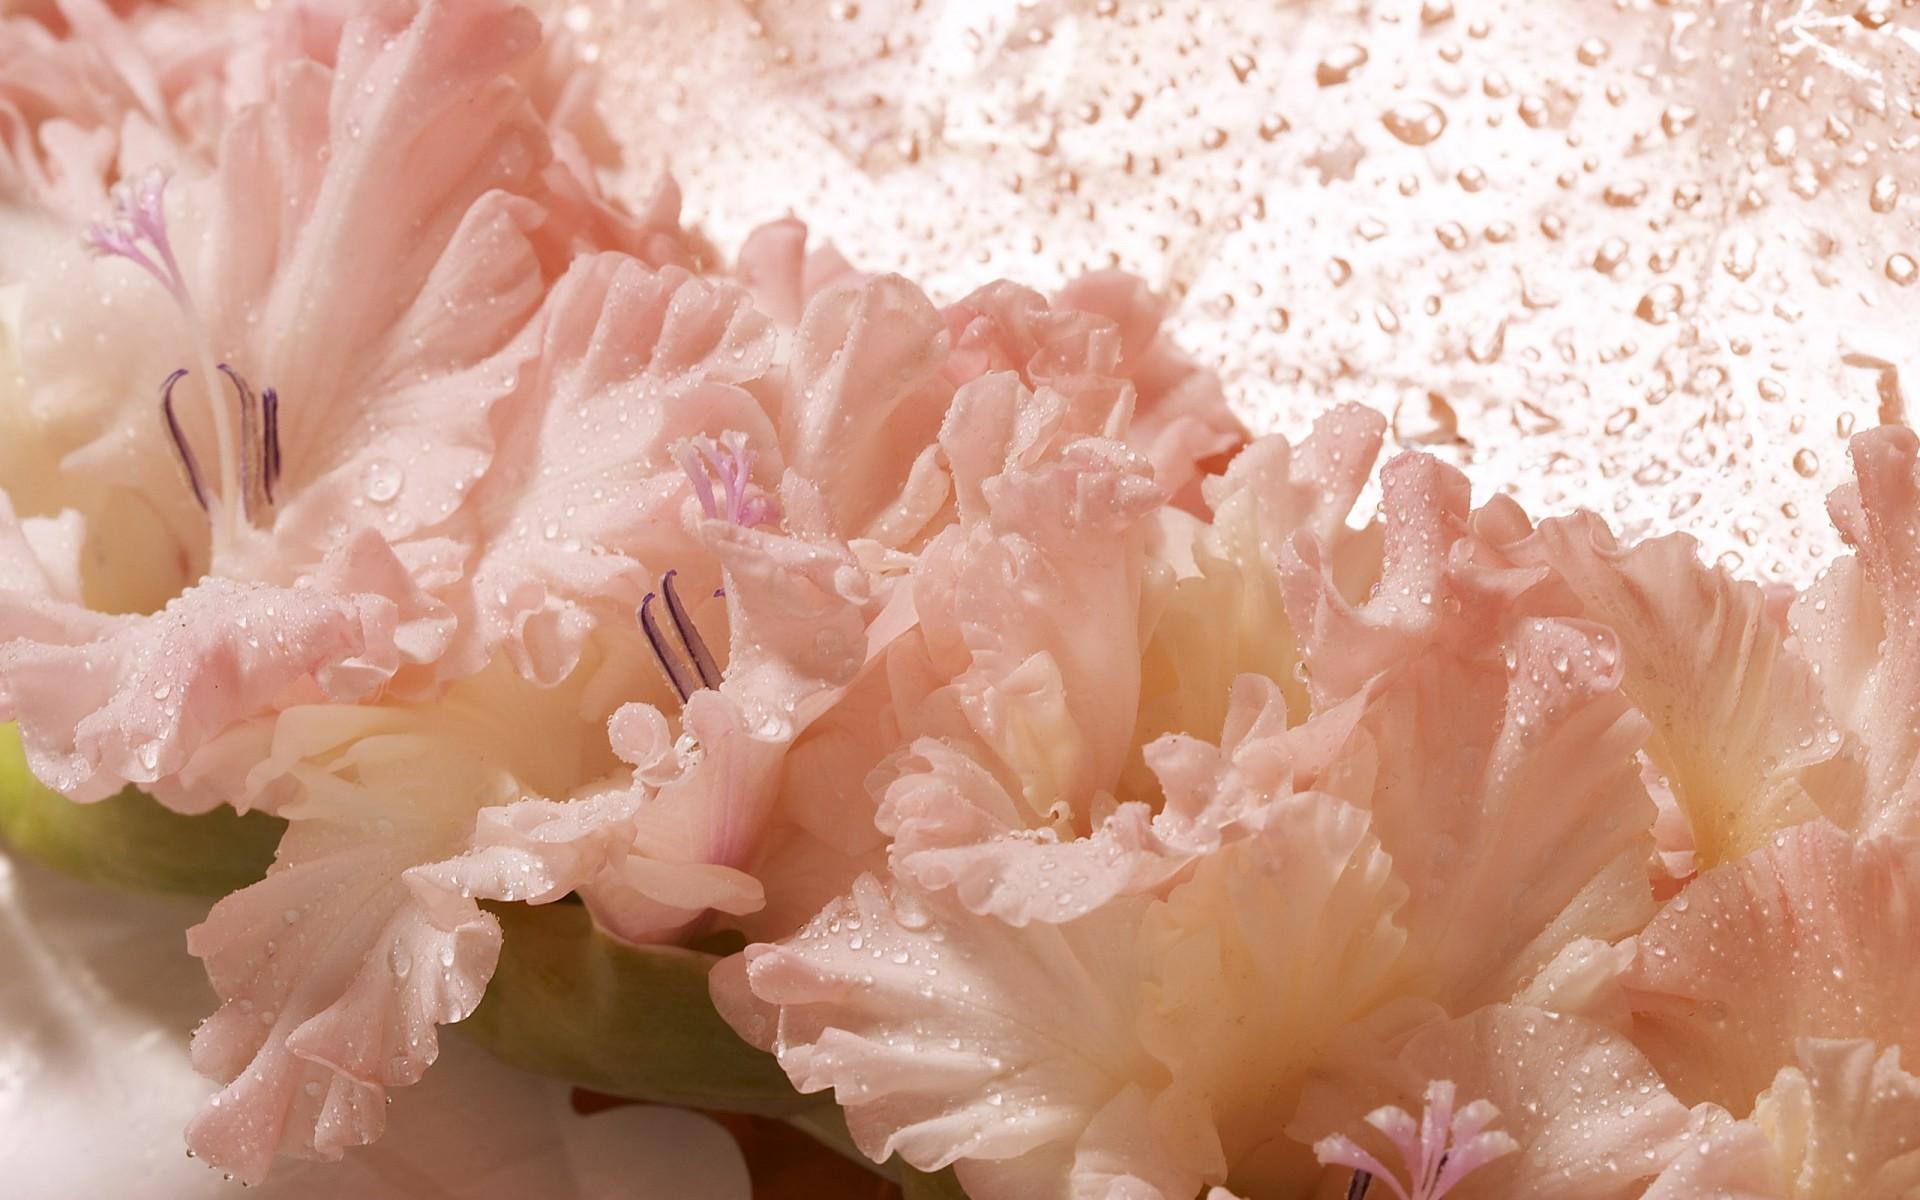 Обои на рабочий стол цветы гладиолусы